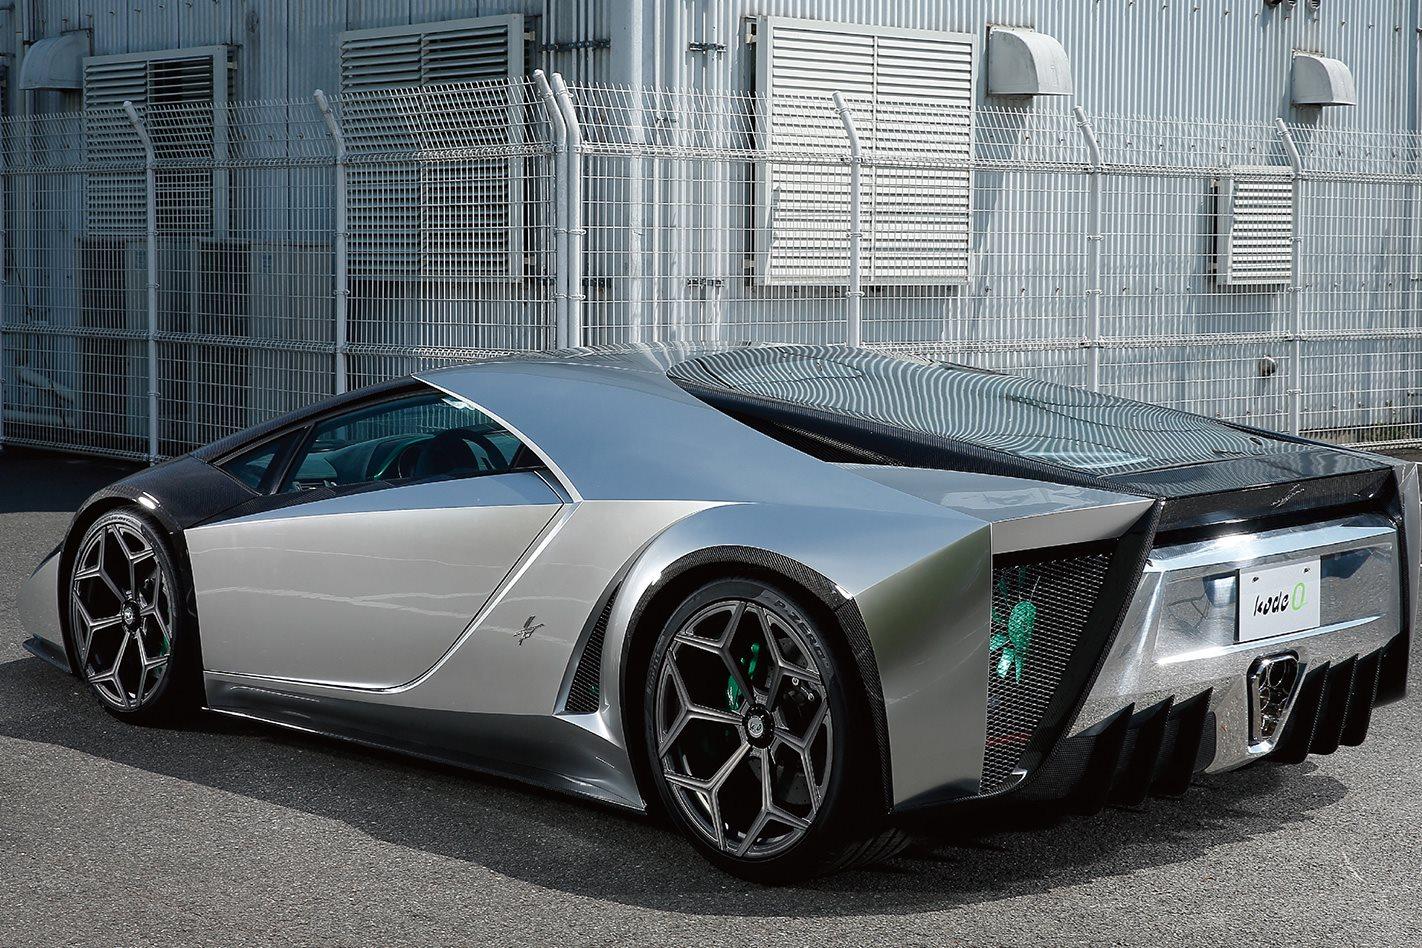 Kode 0 Lamborghini Aventador rear